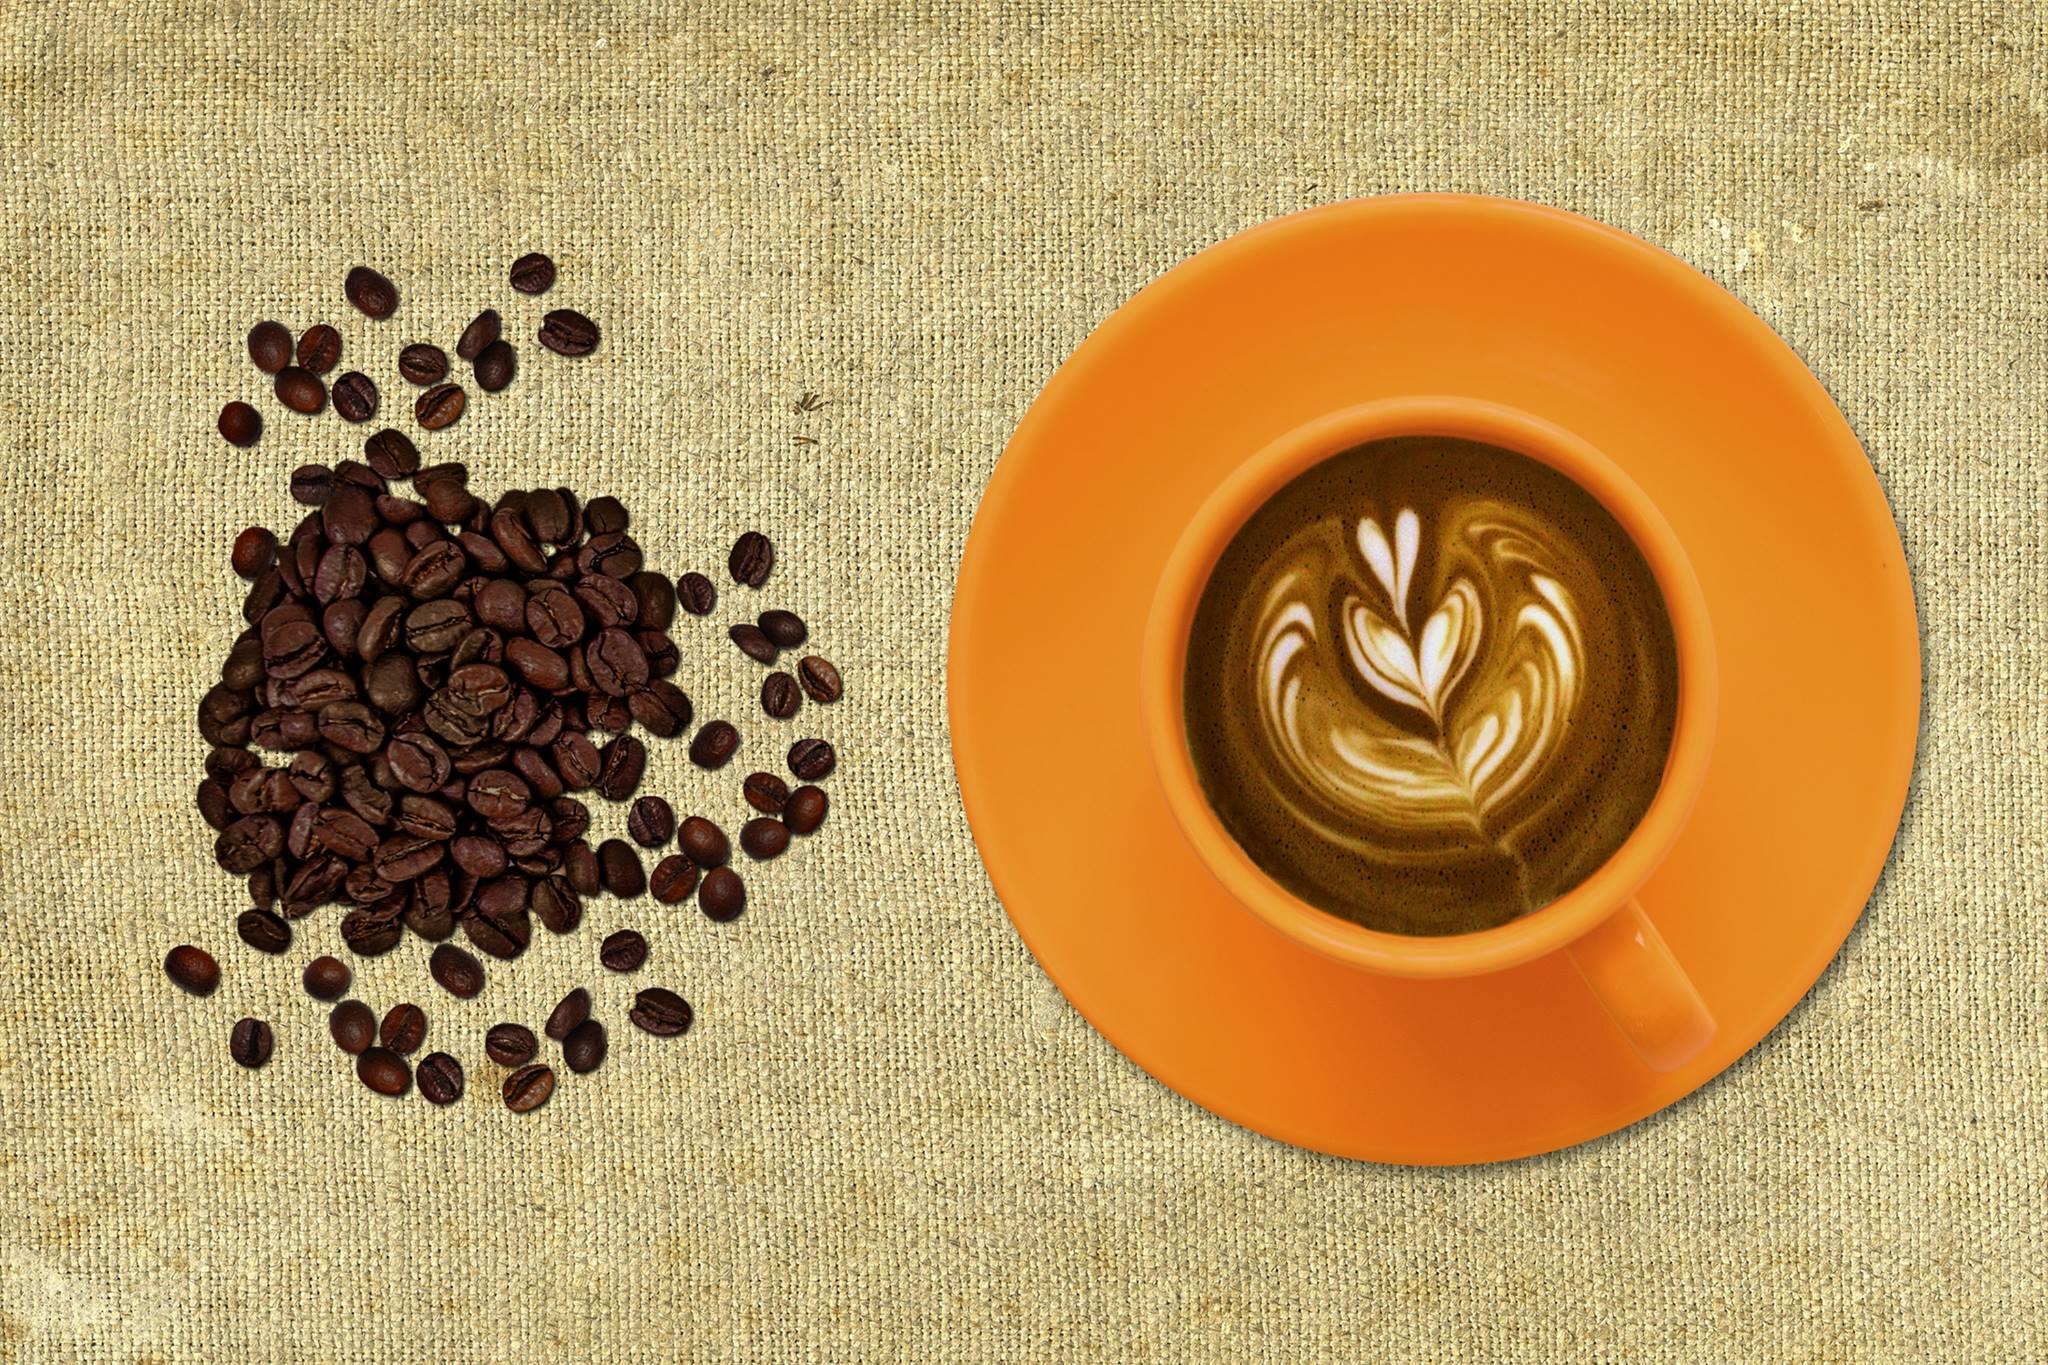 Consumo de café faz bem pra saúde?